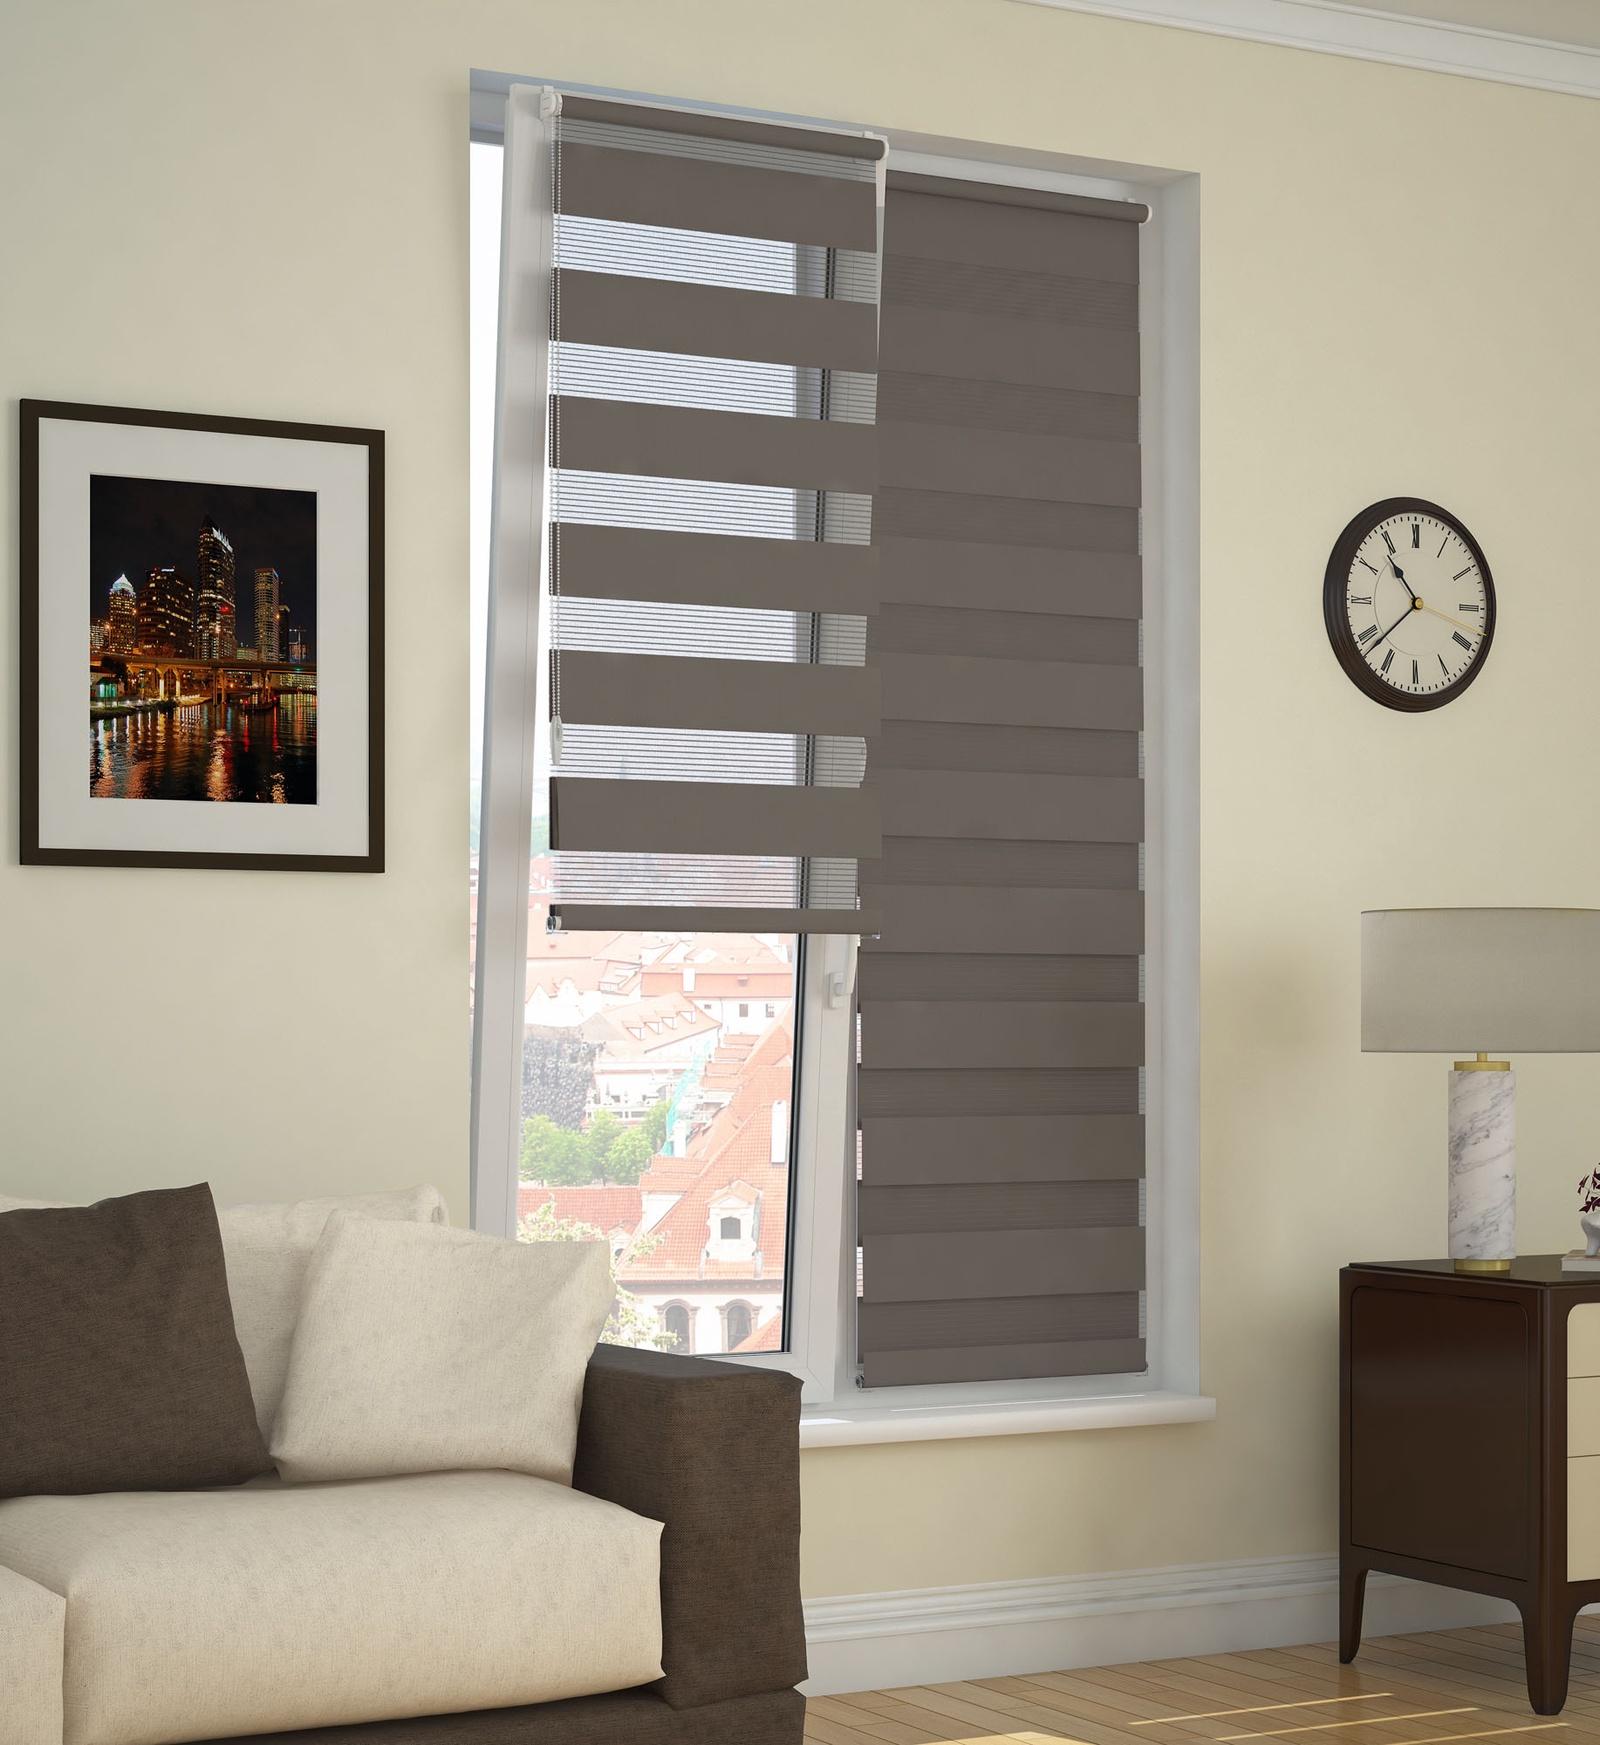 Фото - Рулонные шторы DDA 71078, коричневый рулонные шторы dda прованс принт 48x170 см